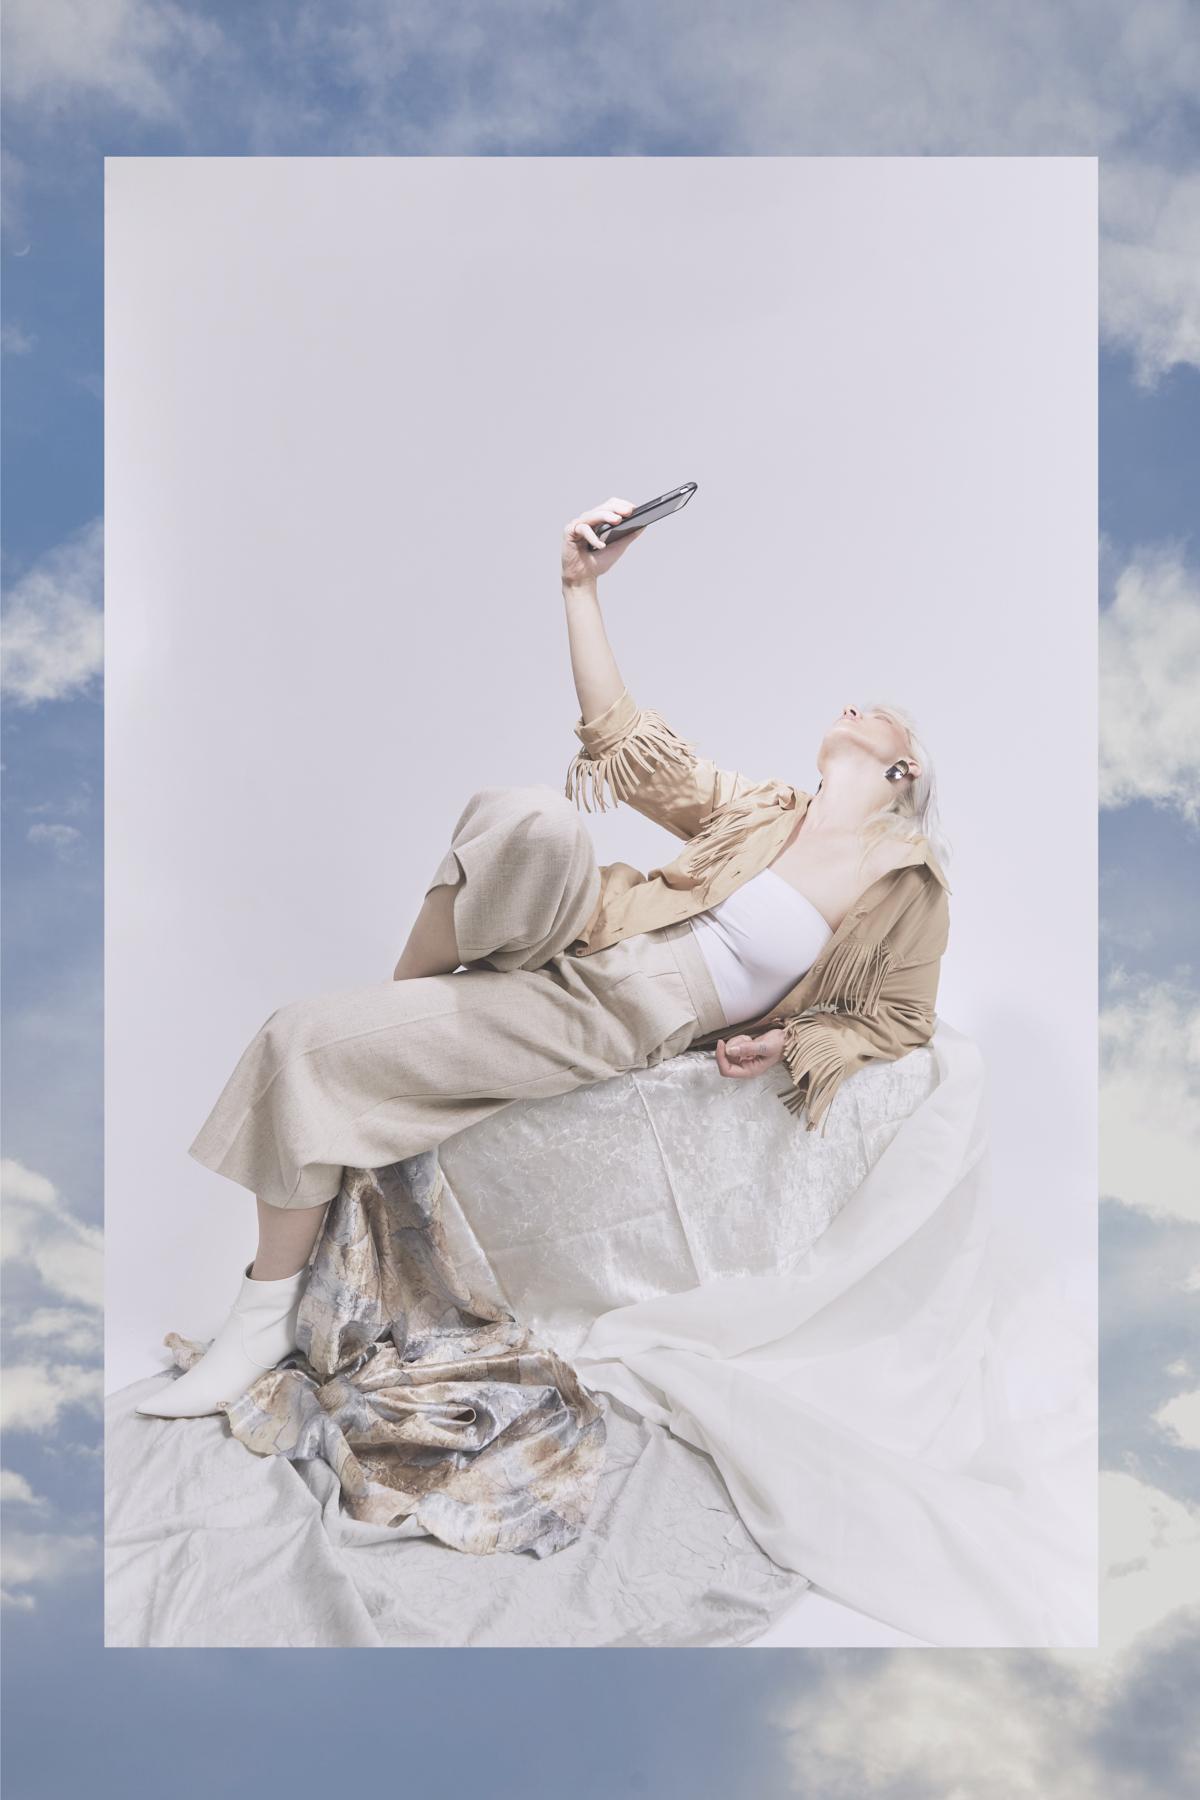 Abrigo de  BOGNER VINTAGE , top de  KIDNEYKAREN , pantalón de  FRISUR y zapatos de  STEVE MADDEN y pendientes de  BAYKOTBAY VINTAGE.